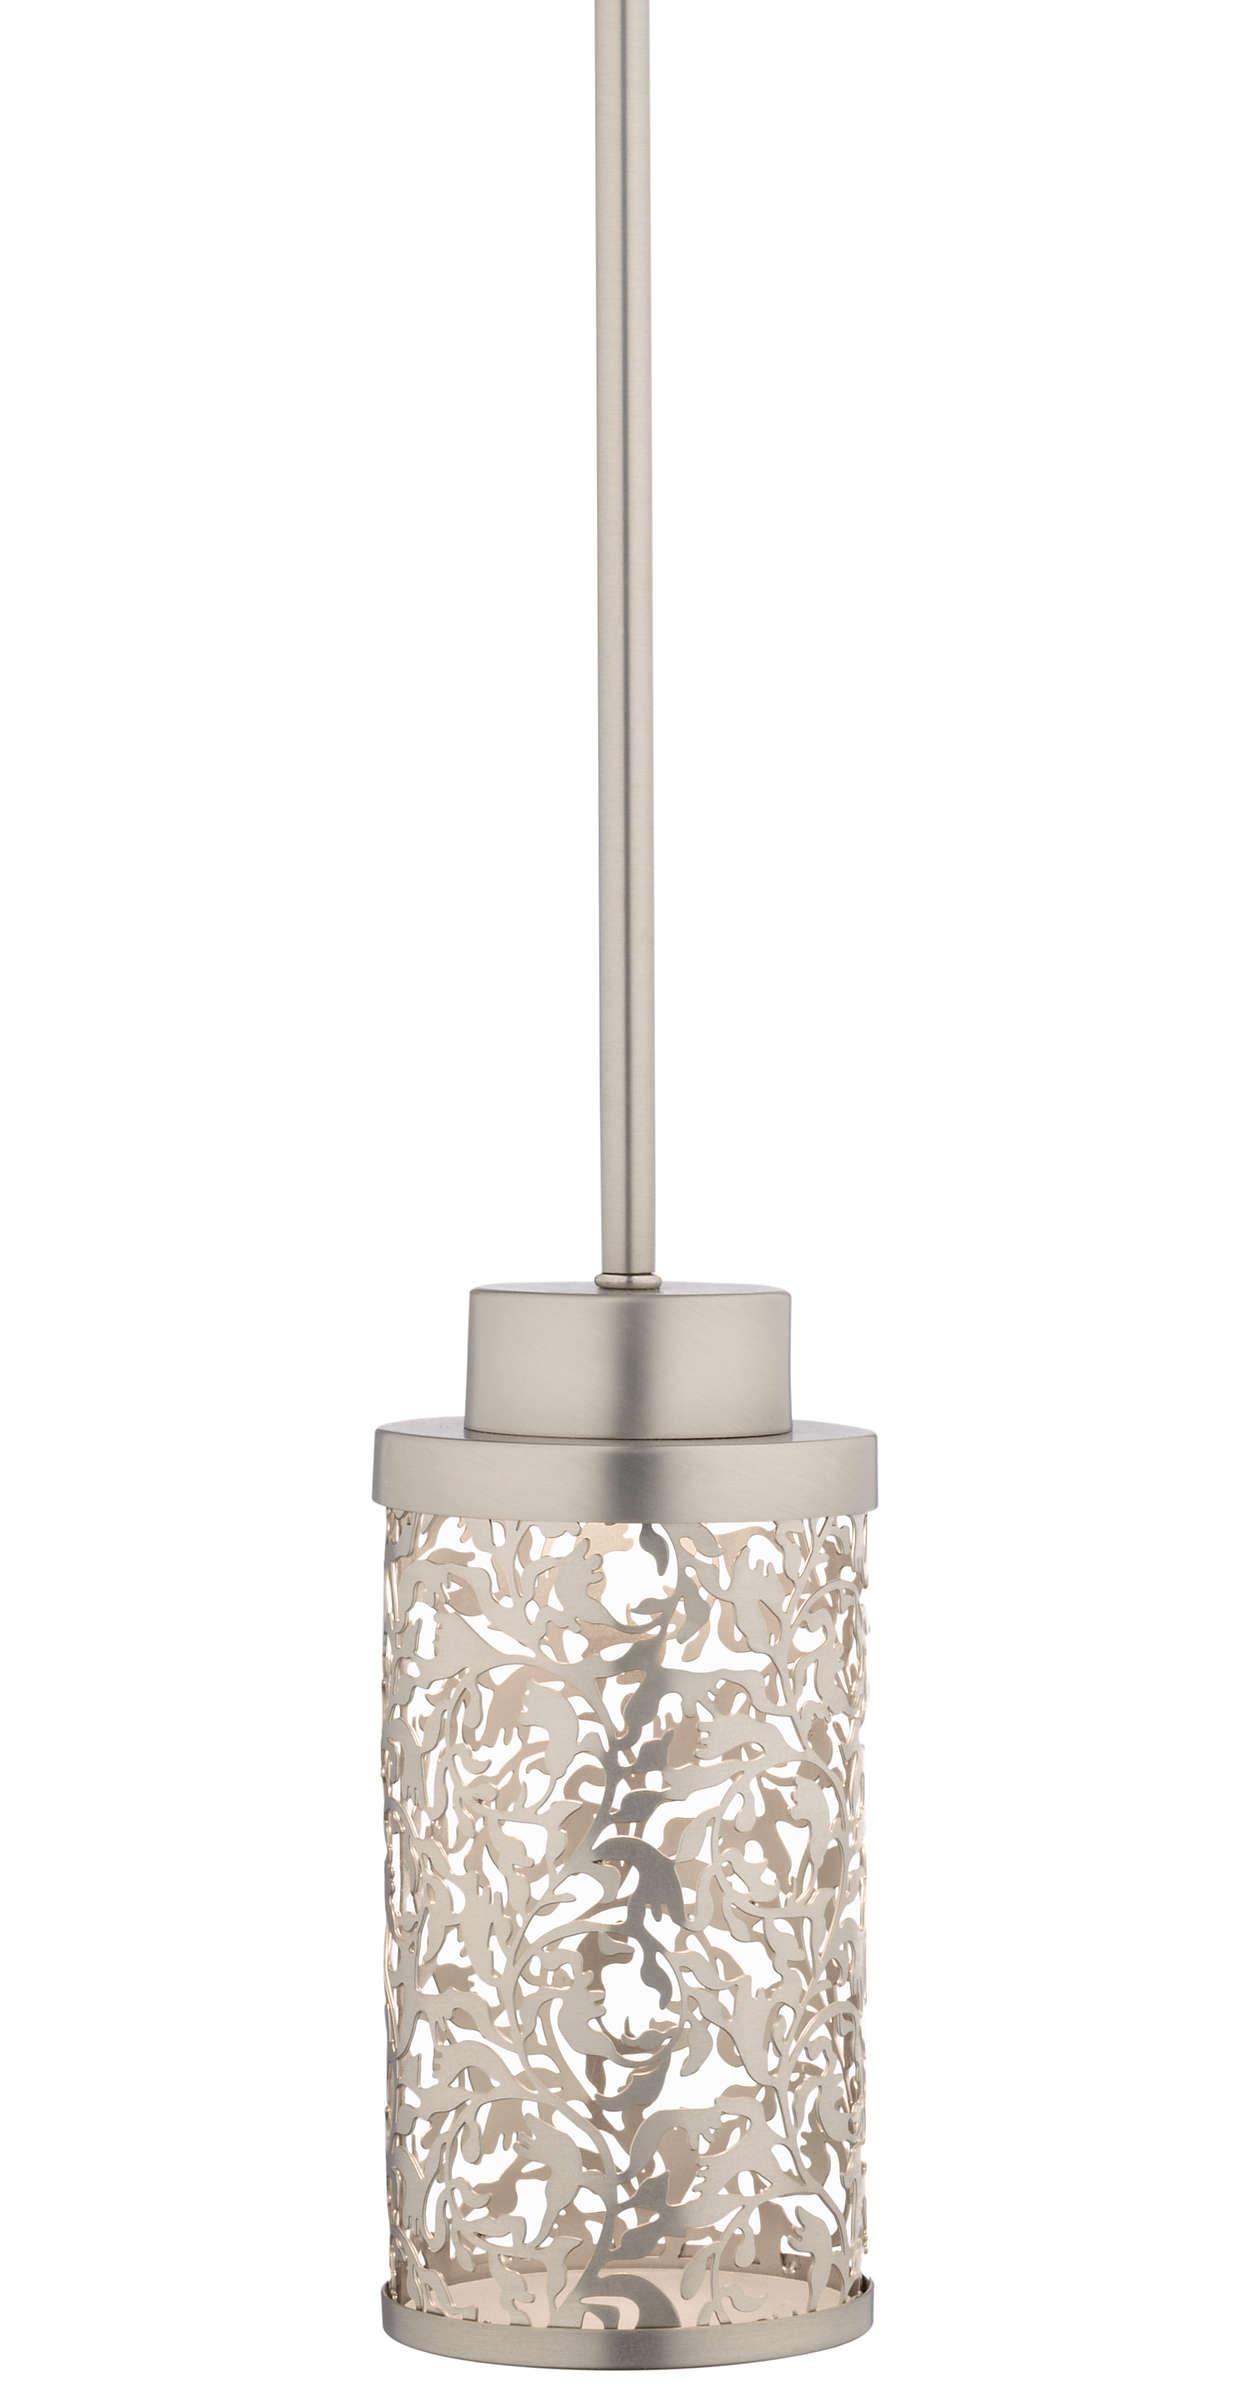 Brocade 1-light LED Pendant, Brushed Nickel finish